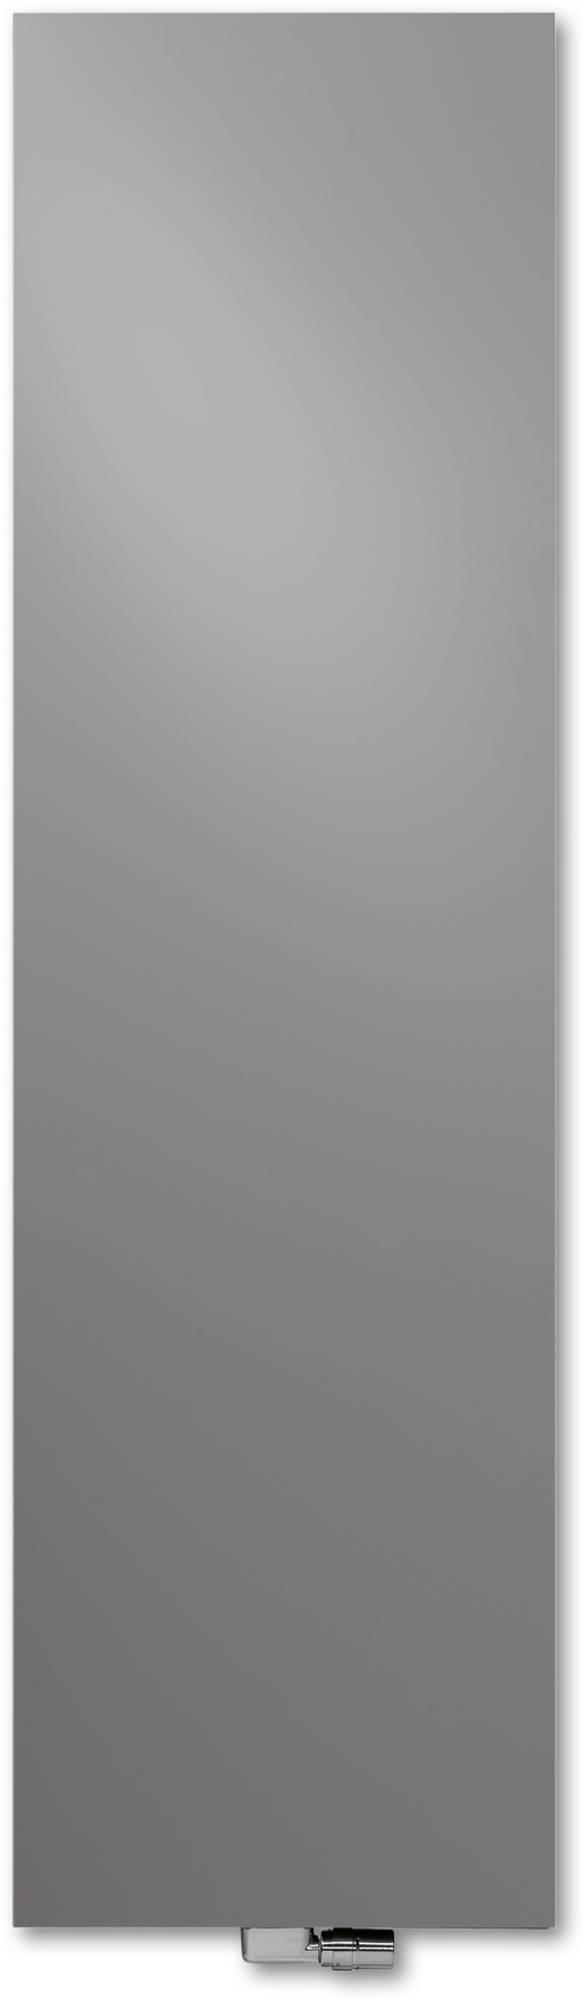 Vasco Niva Verticaal N2L1 Designradiator 202x62 cm Grijs